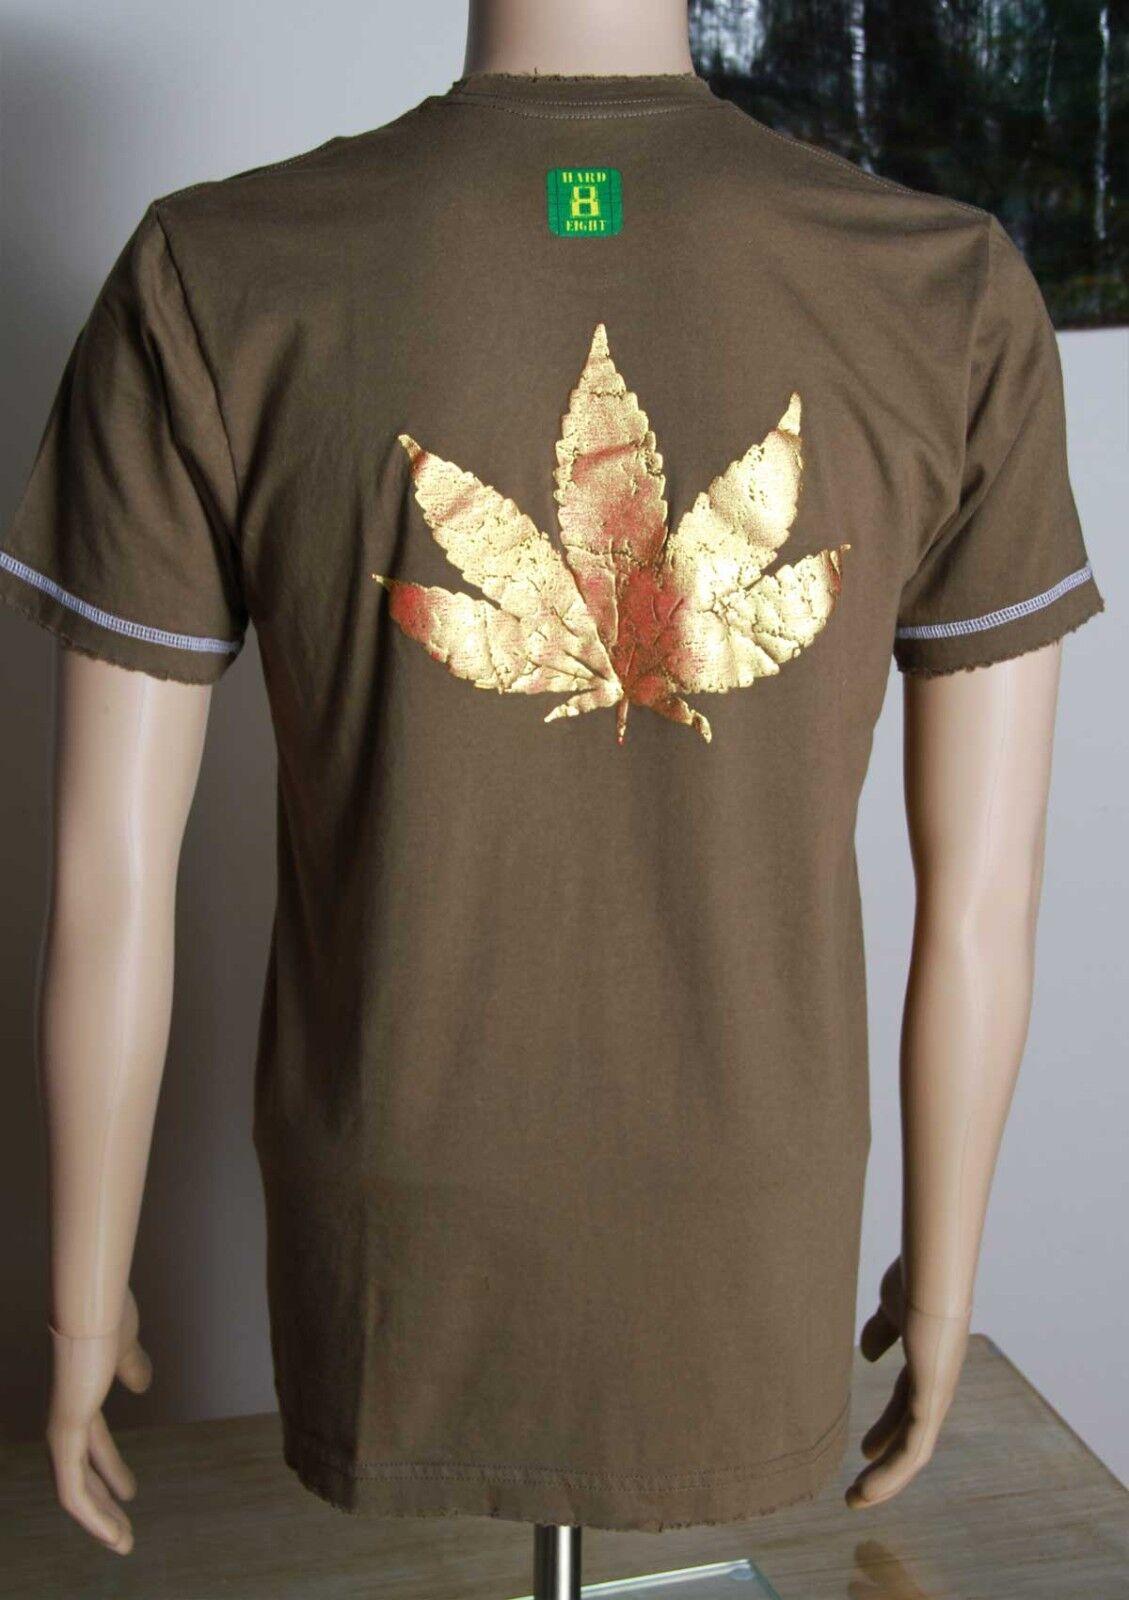 HARD 8 Raised metallic leaf T-shirt